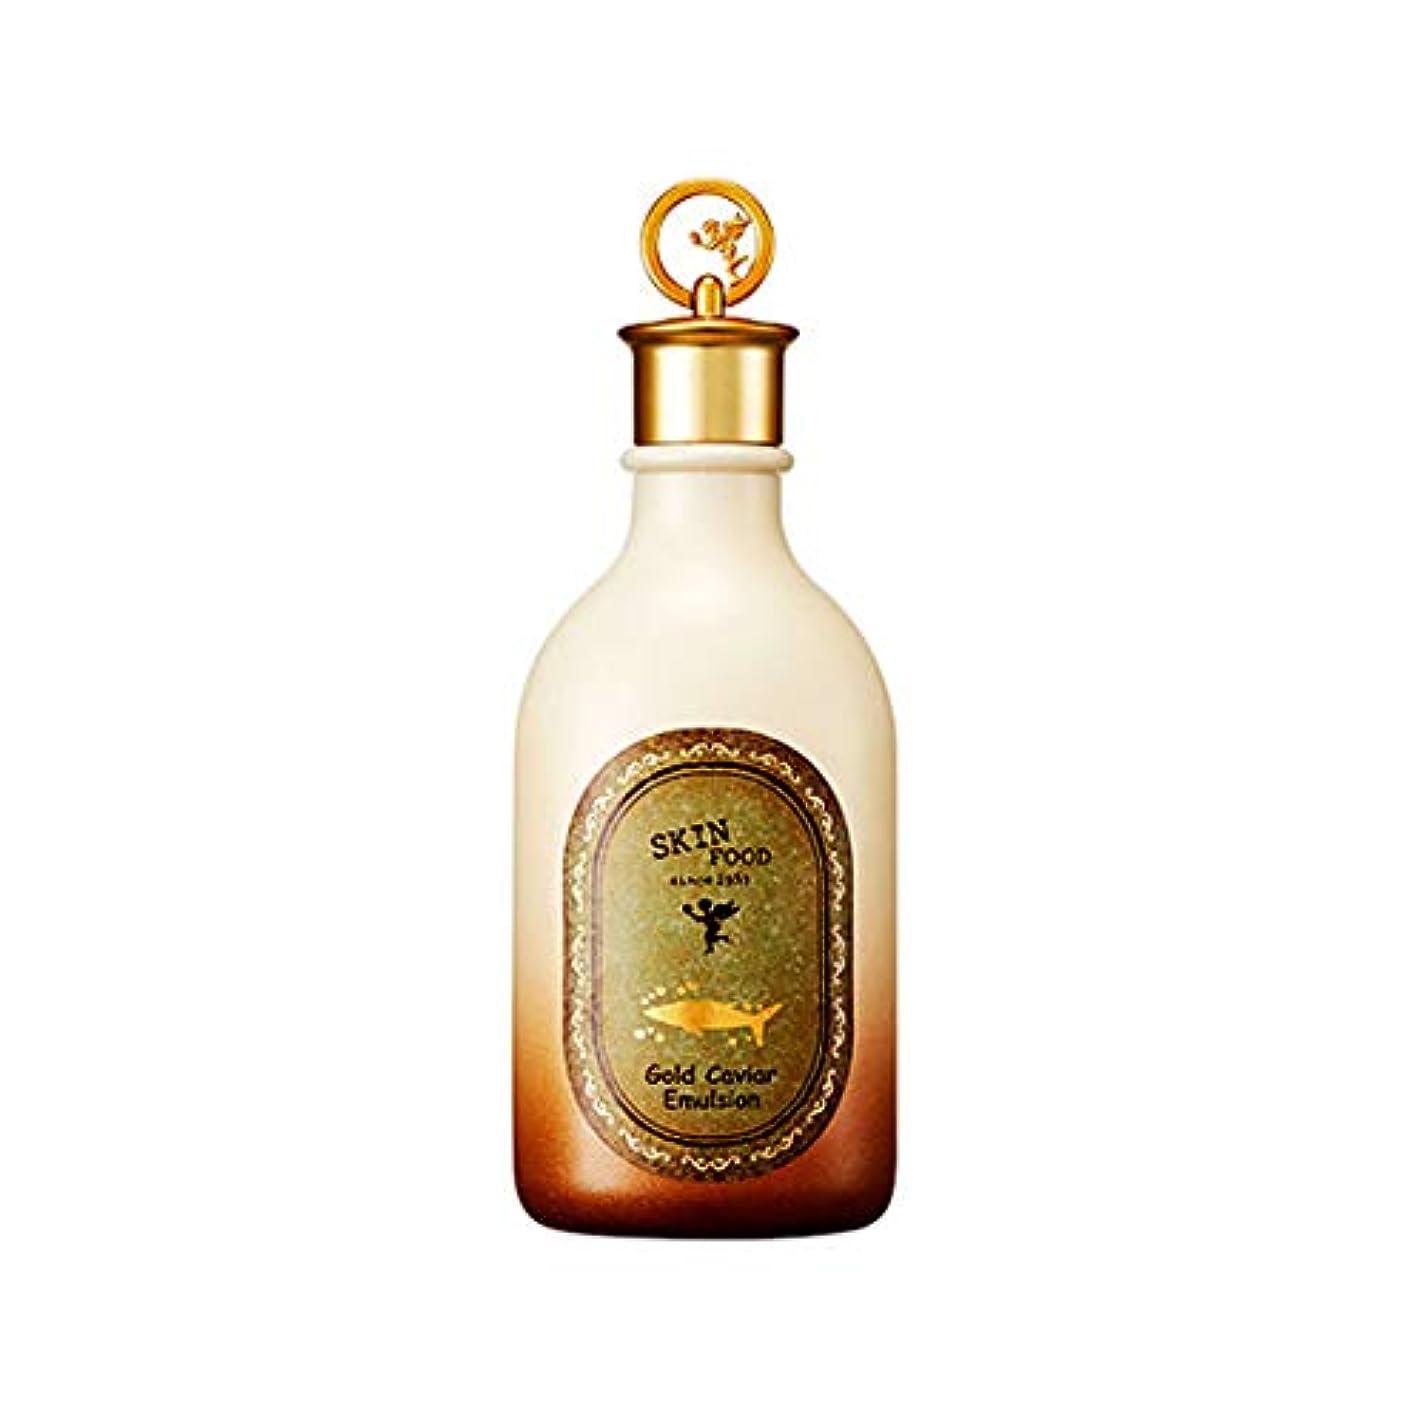 検索エンジンマーケティング確立危険にさらされているSkinfood ゴールドキャビアエマルジョン(しわケア) / Gold Caviar Emulsion (Wrinkle care) 145ml [並行輸入品]